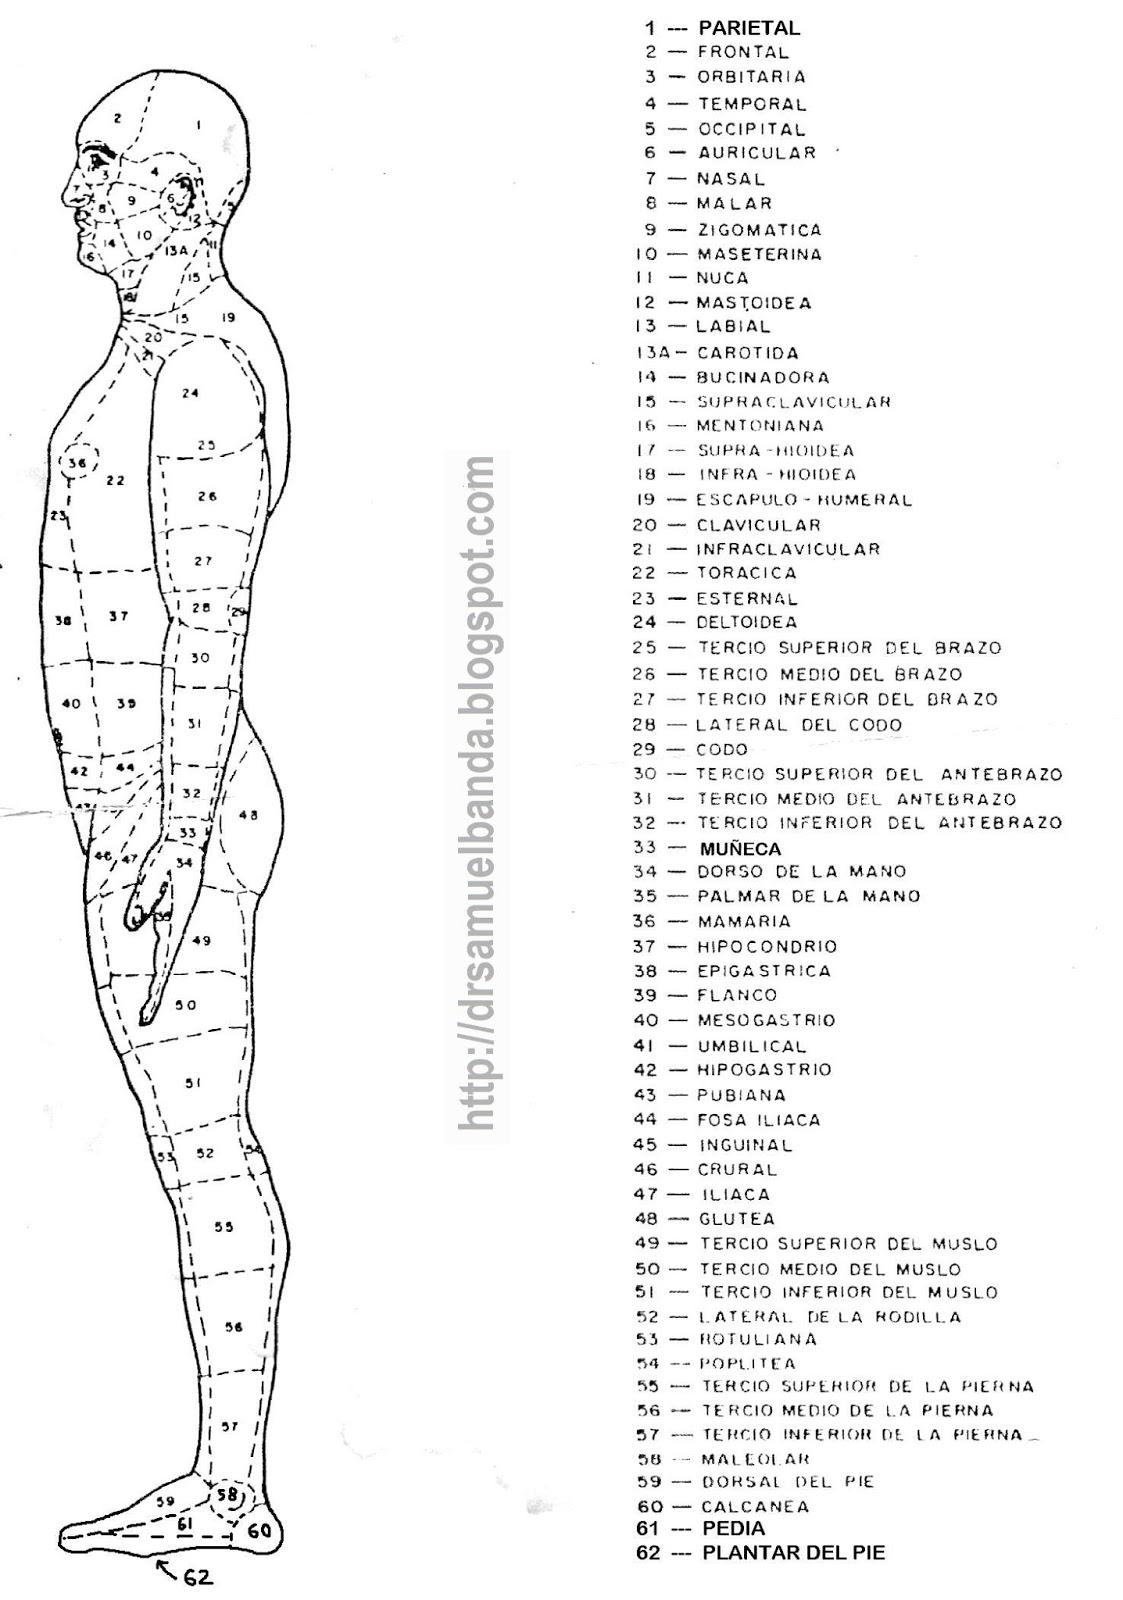 Dr Samuel Banda: Anatomía del cuerpo humano por regiones